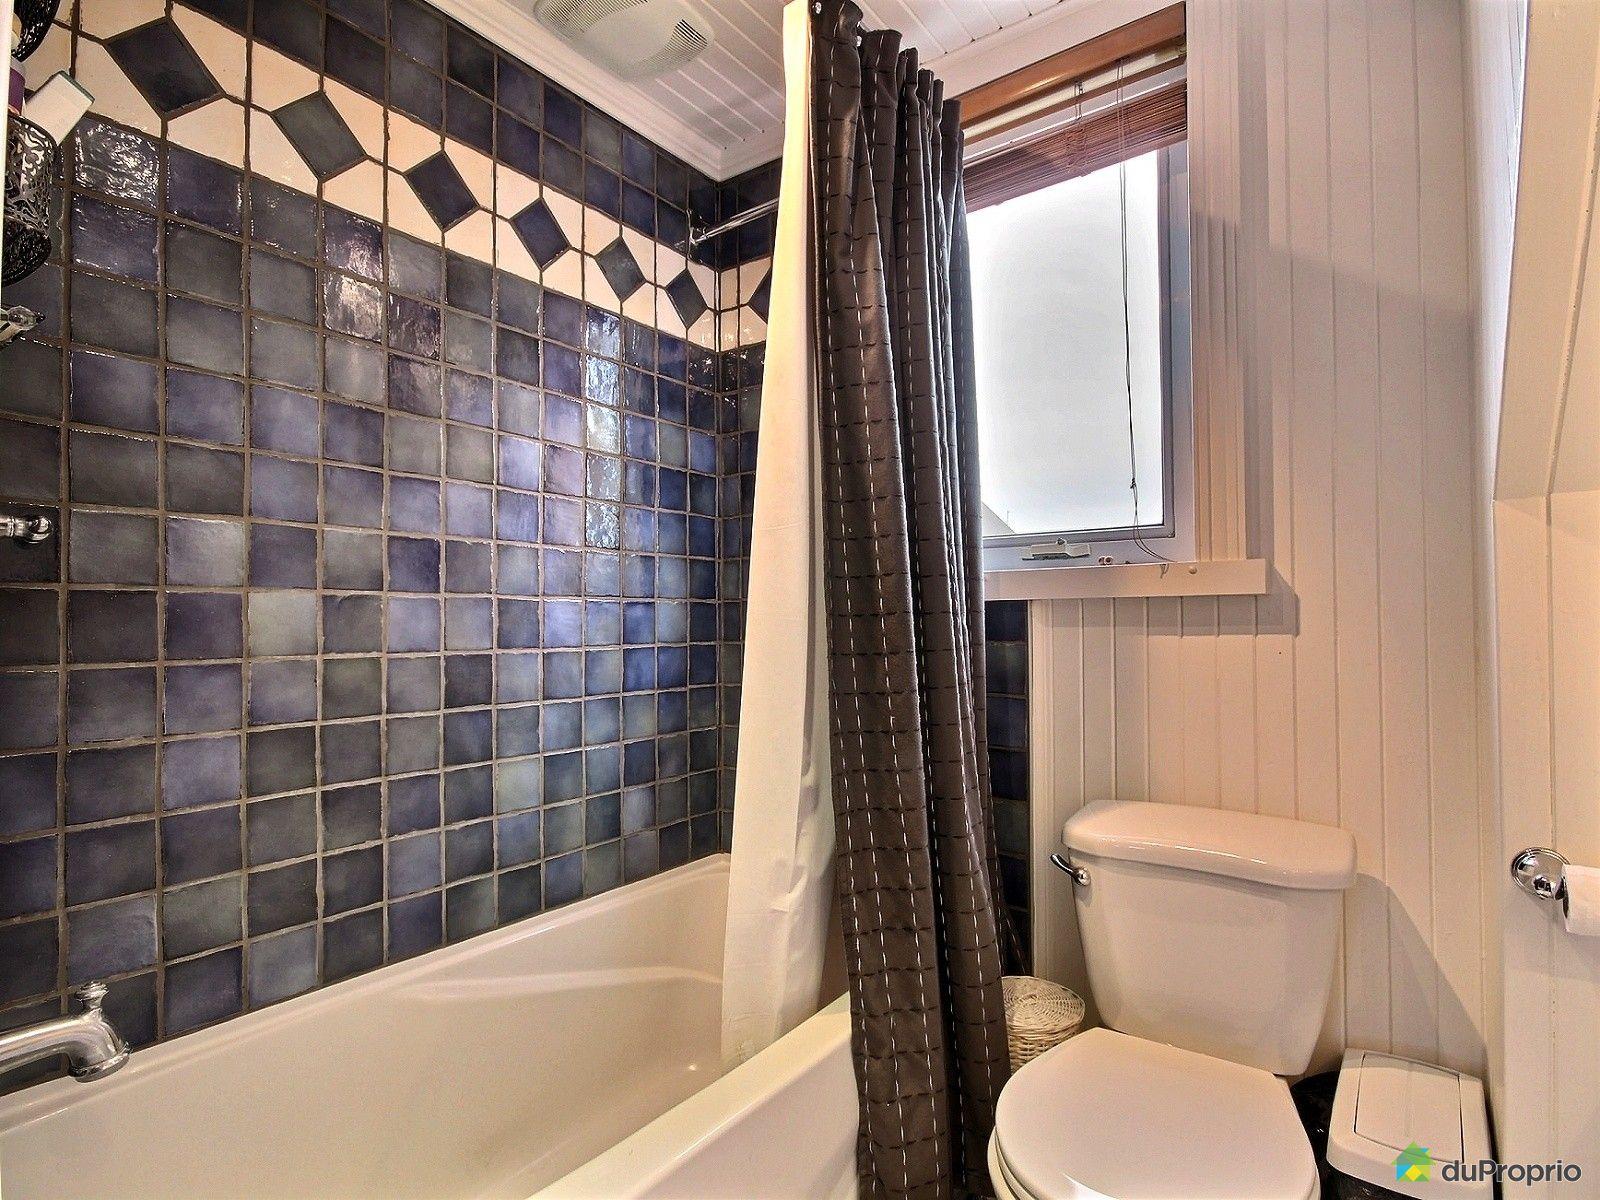 Maison vendre ste luce sur mer 39 rue saint philippe immobilier qu bec - Chauffer salle de bain ...